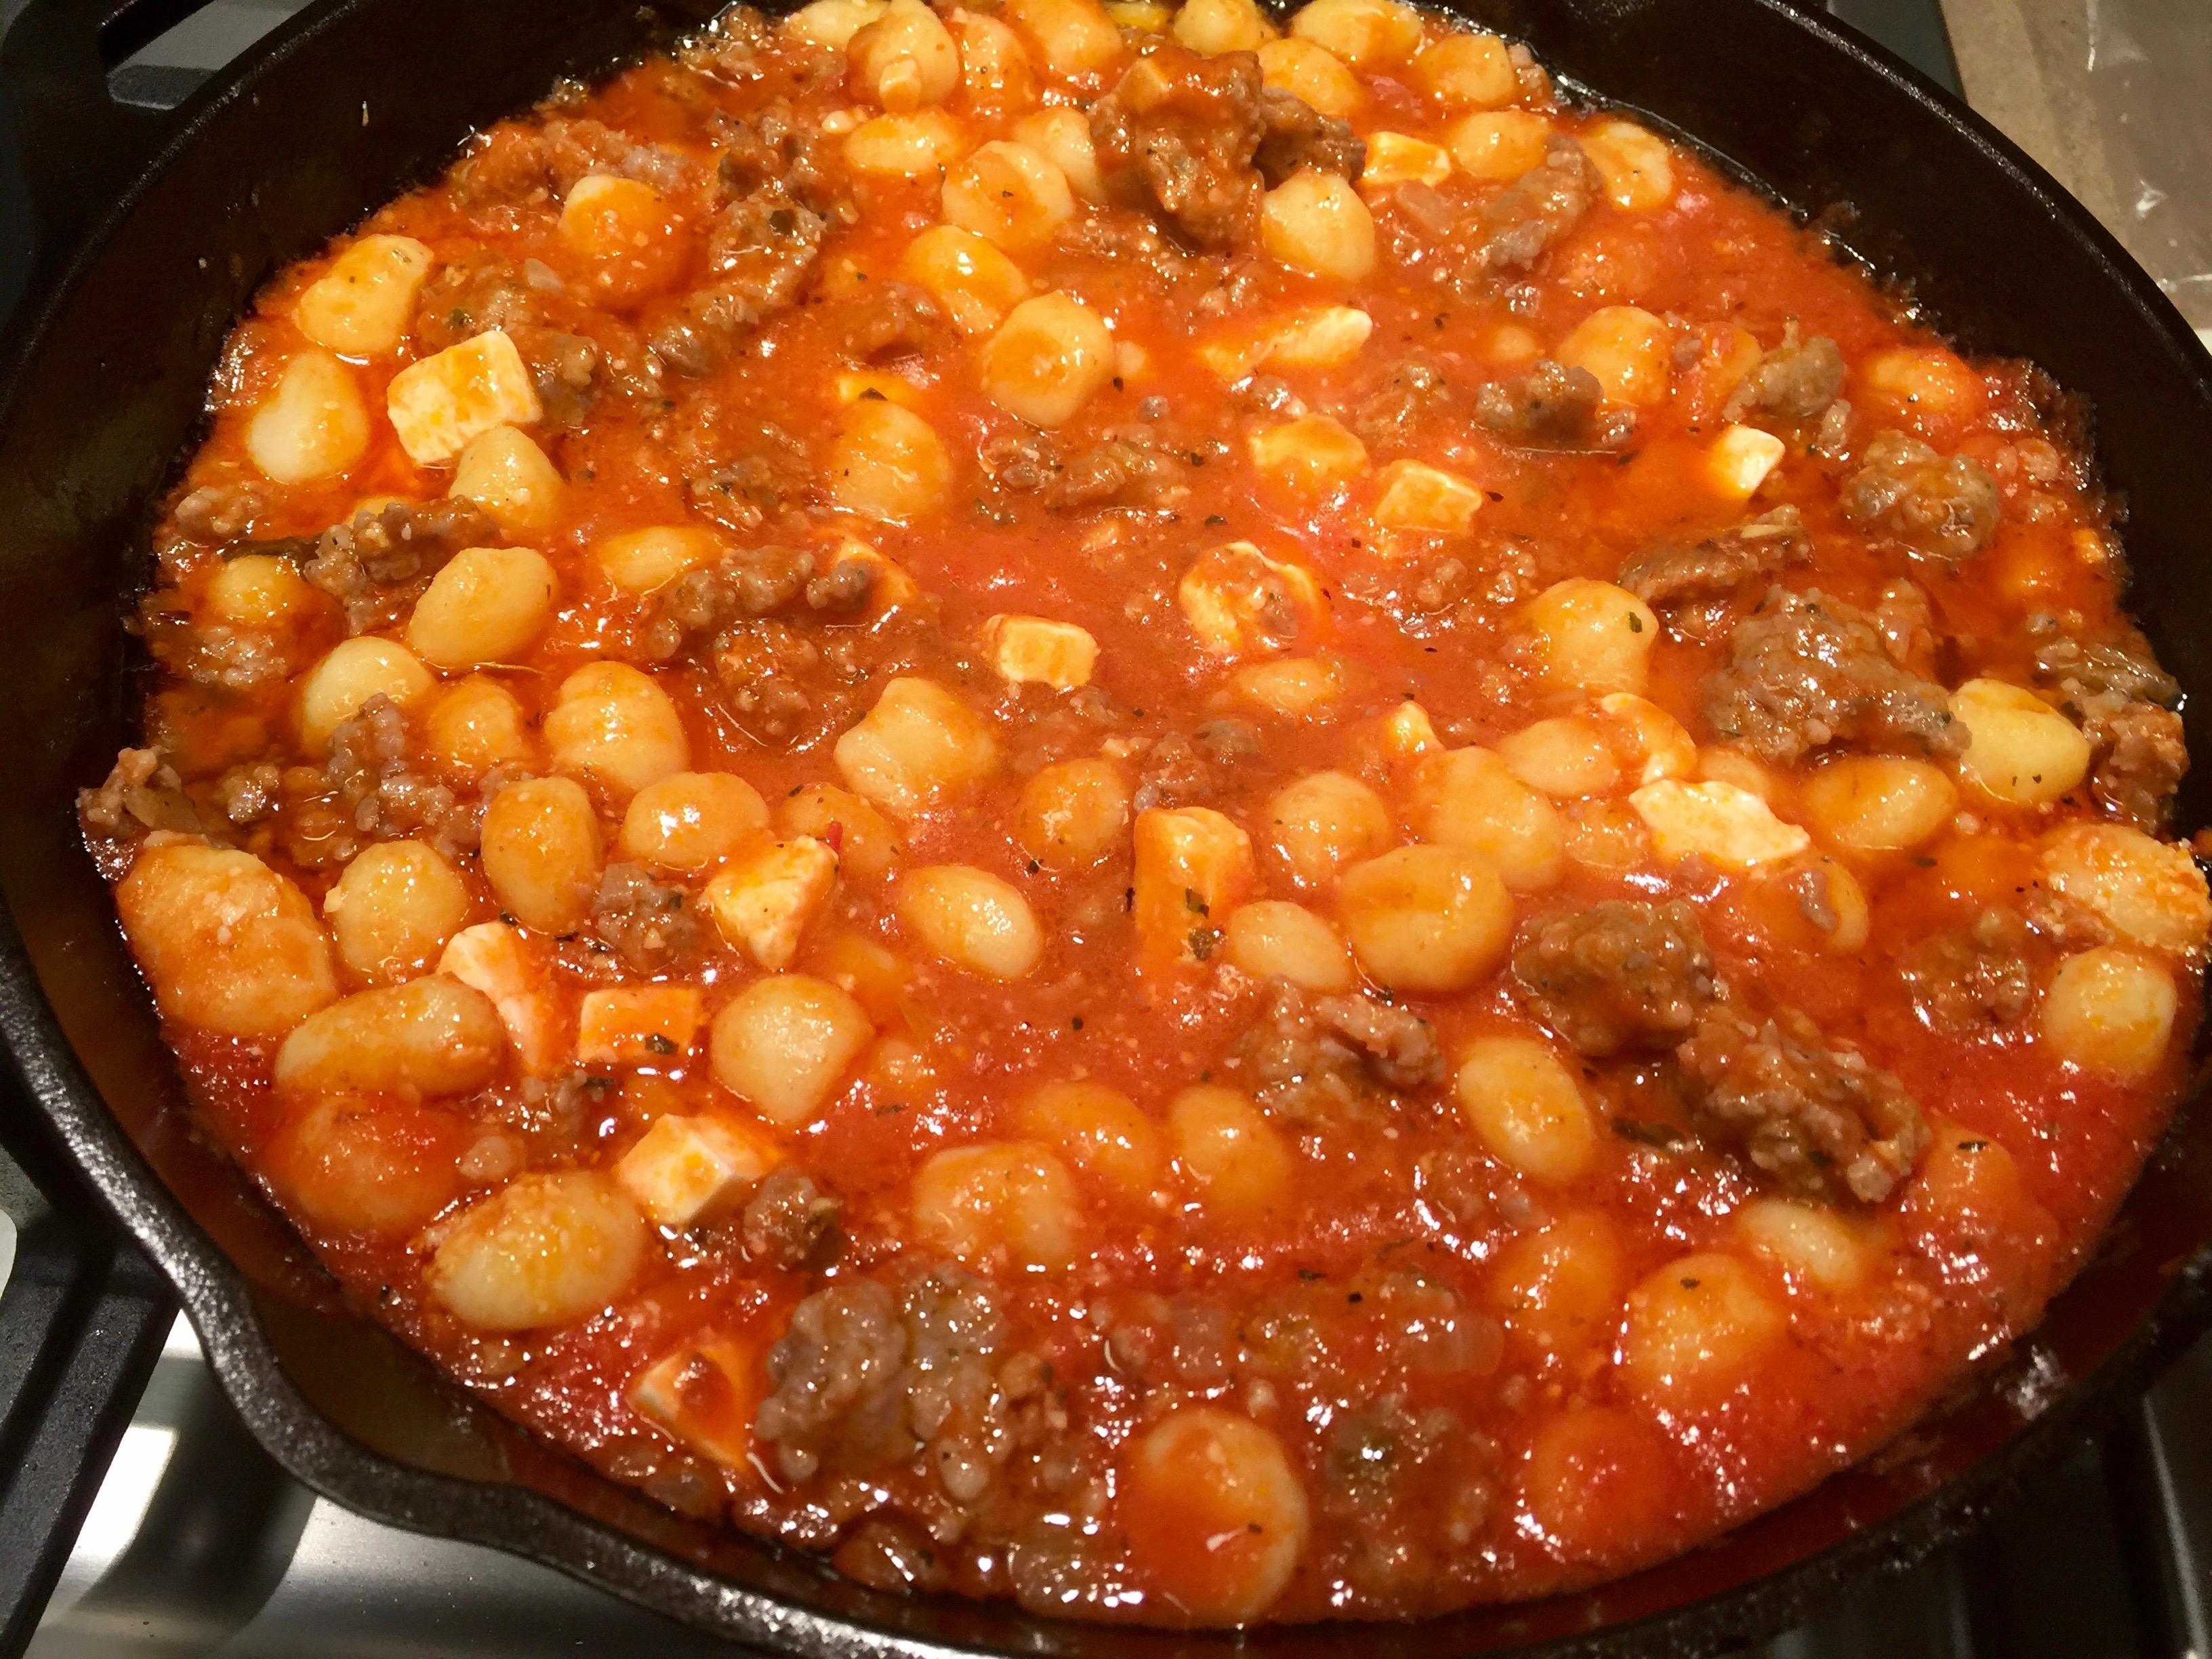 Gnocchi, sausage and sauce mixture.